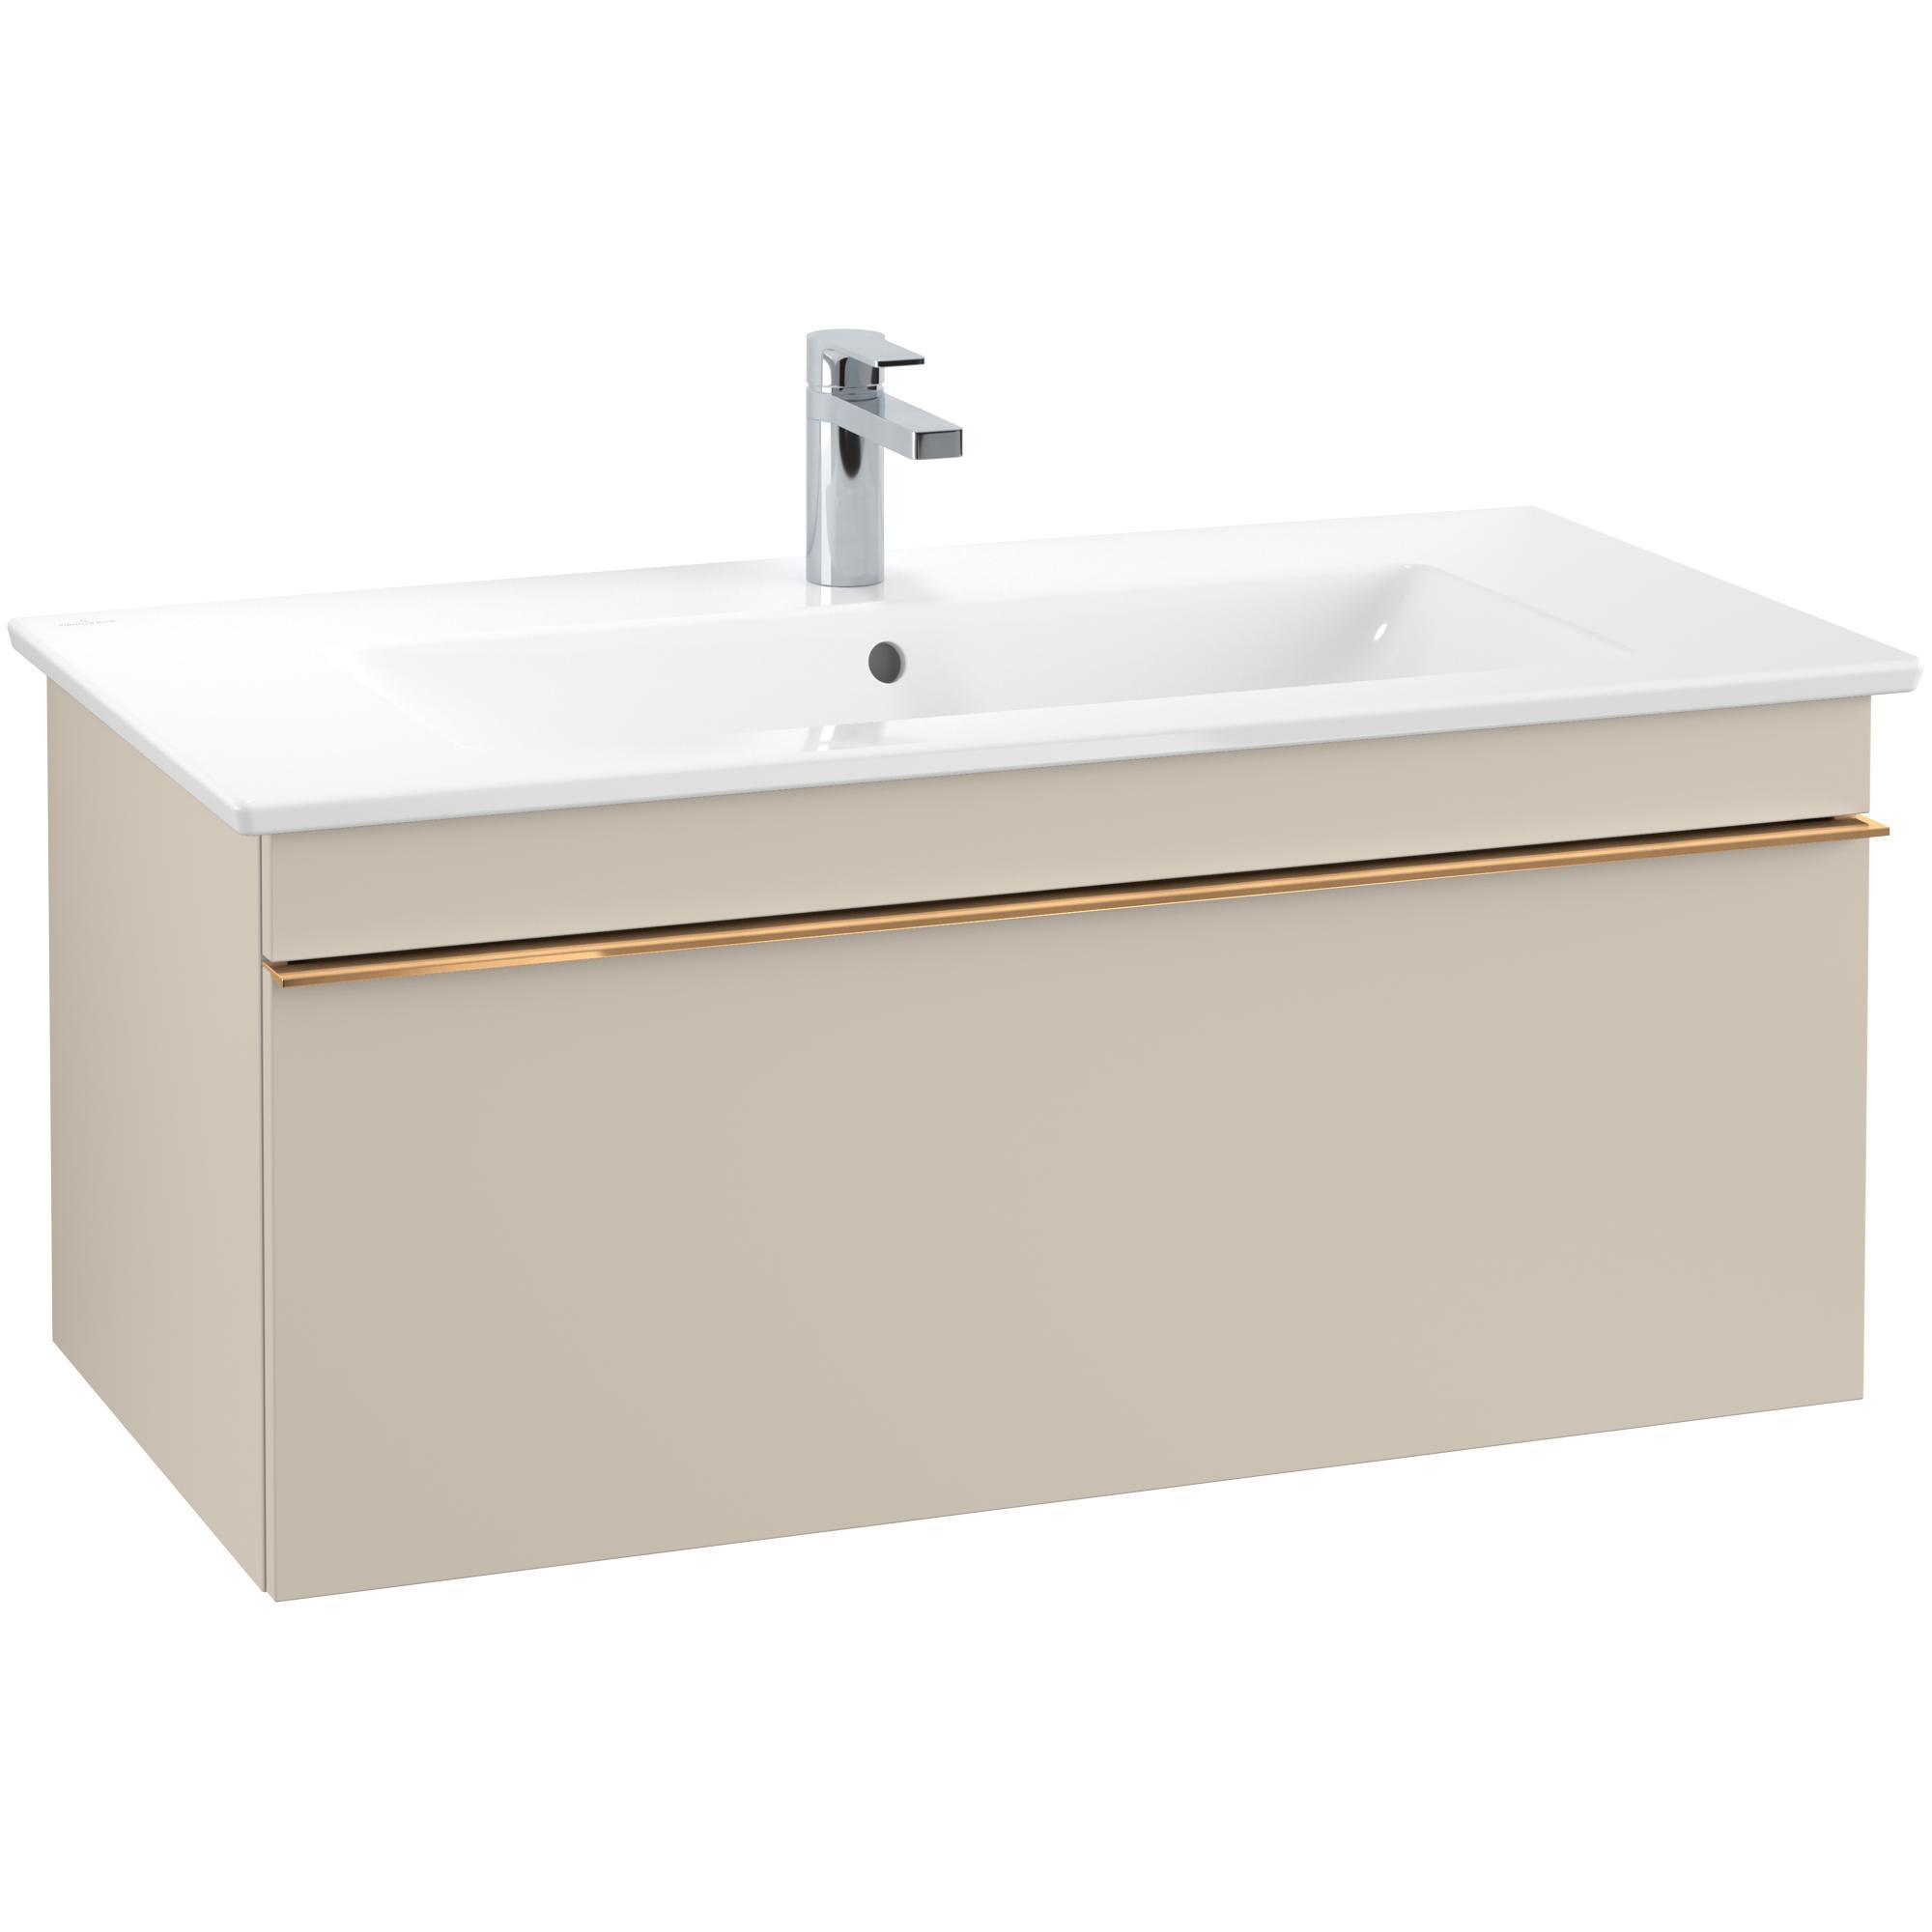 Tvättställsskåp Villeroy & Boch Venticello med 1 Låda för Skåpstvättställ